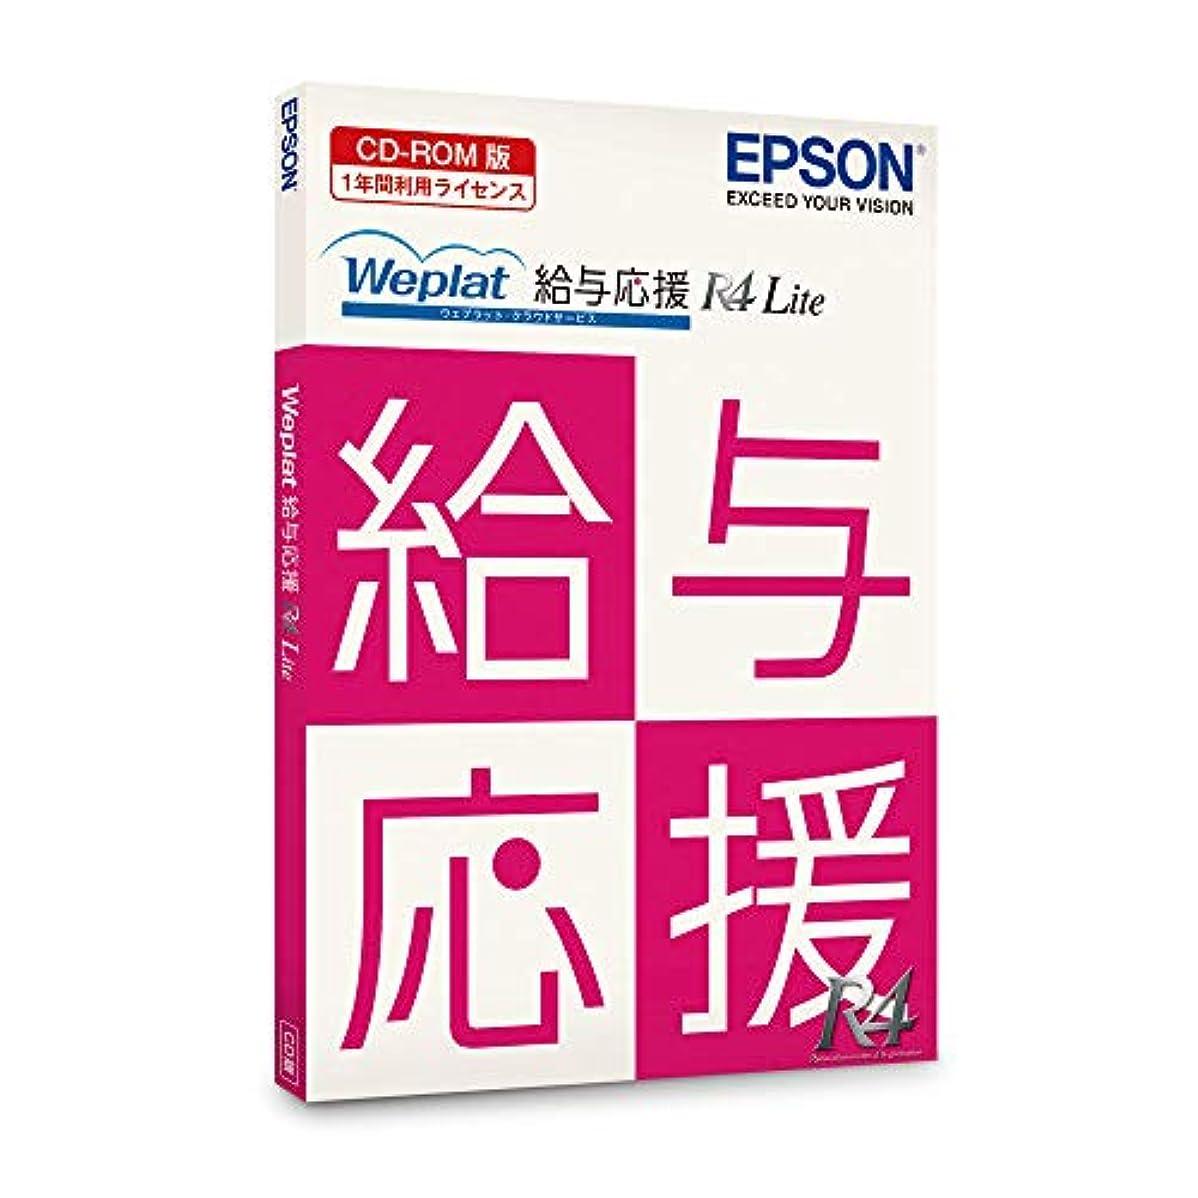 異常助言する洪水Weplat給与応援R4 Lite | Ver.18.3 | 社会保険様式変更対応 | CD版